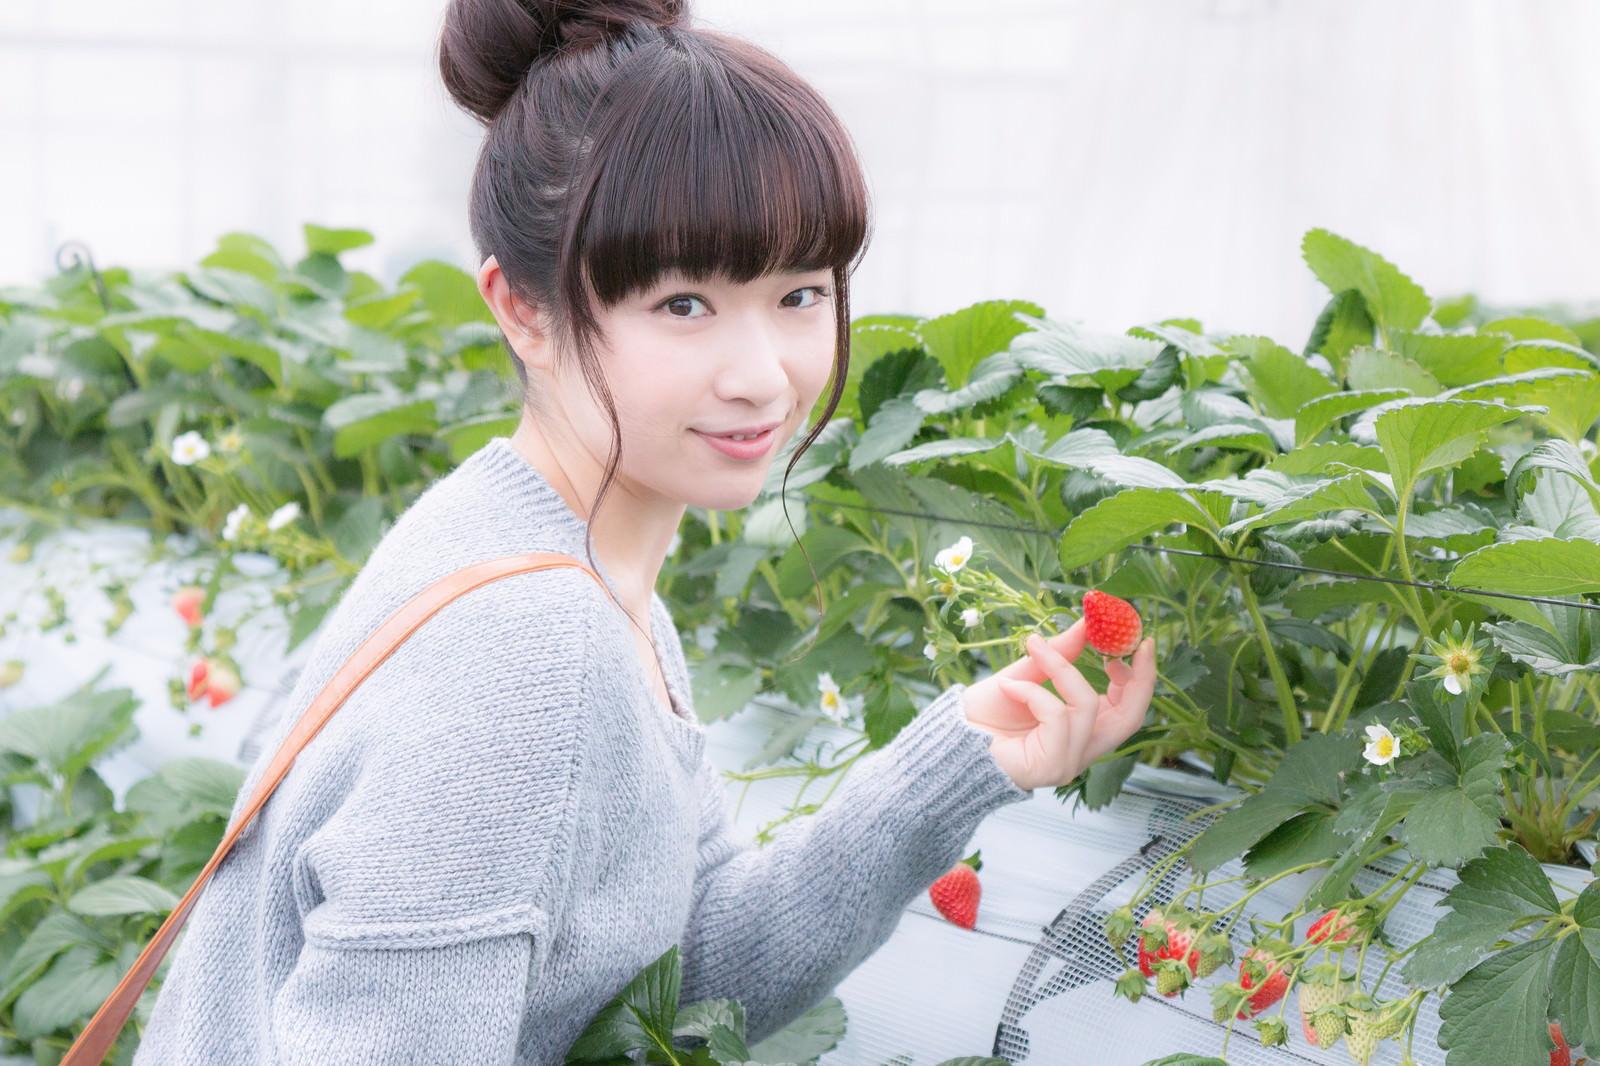 イチゴ狩りする渡辺友美子がかわいい